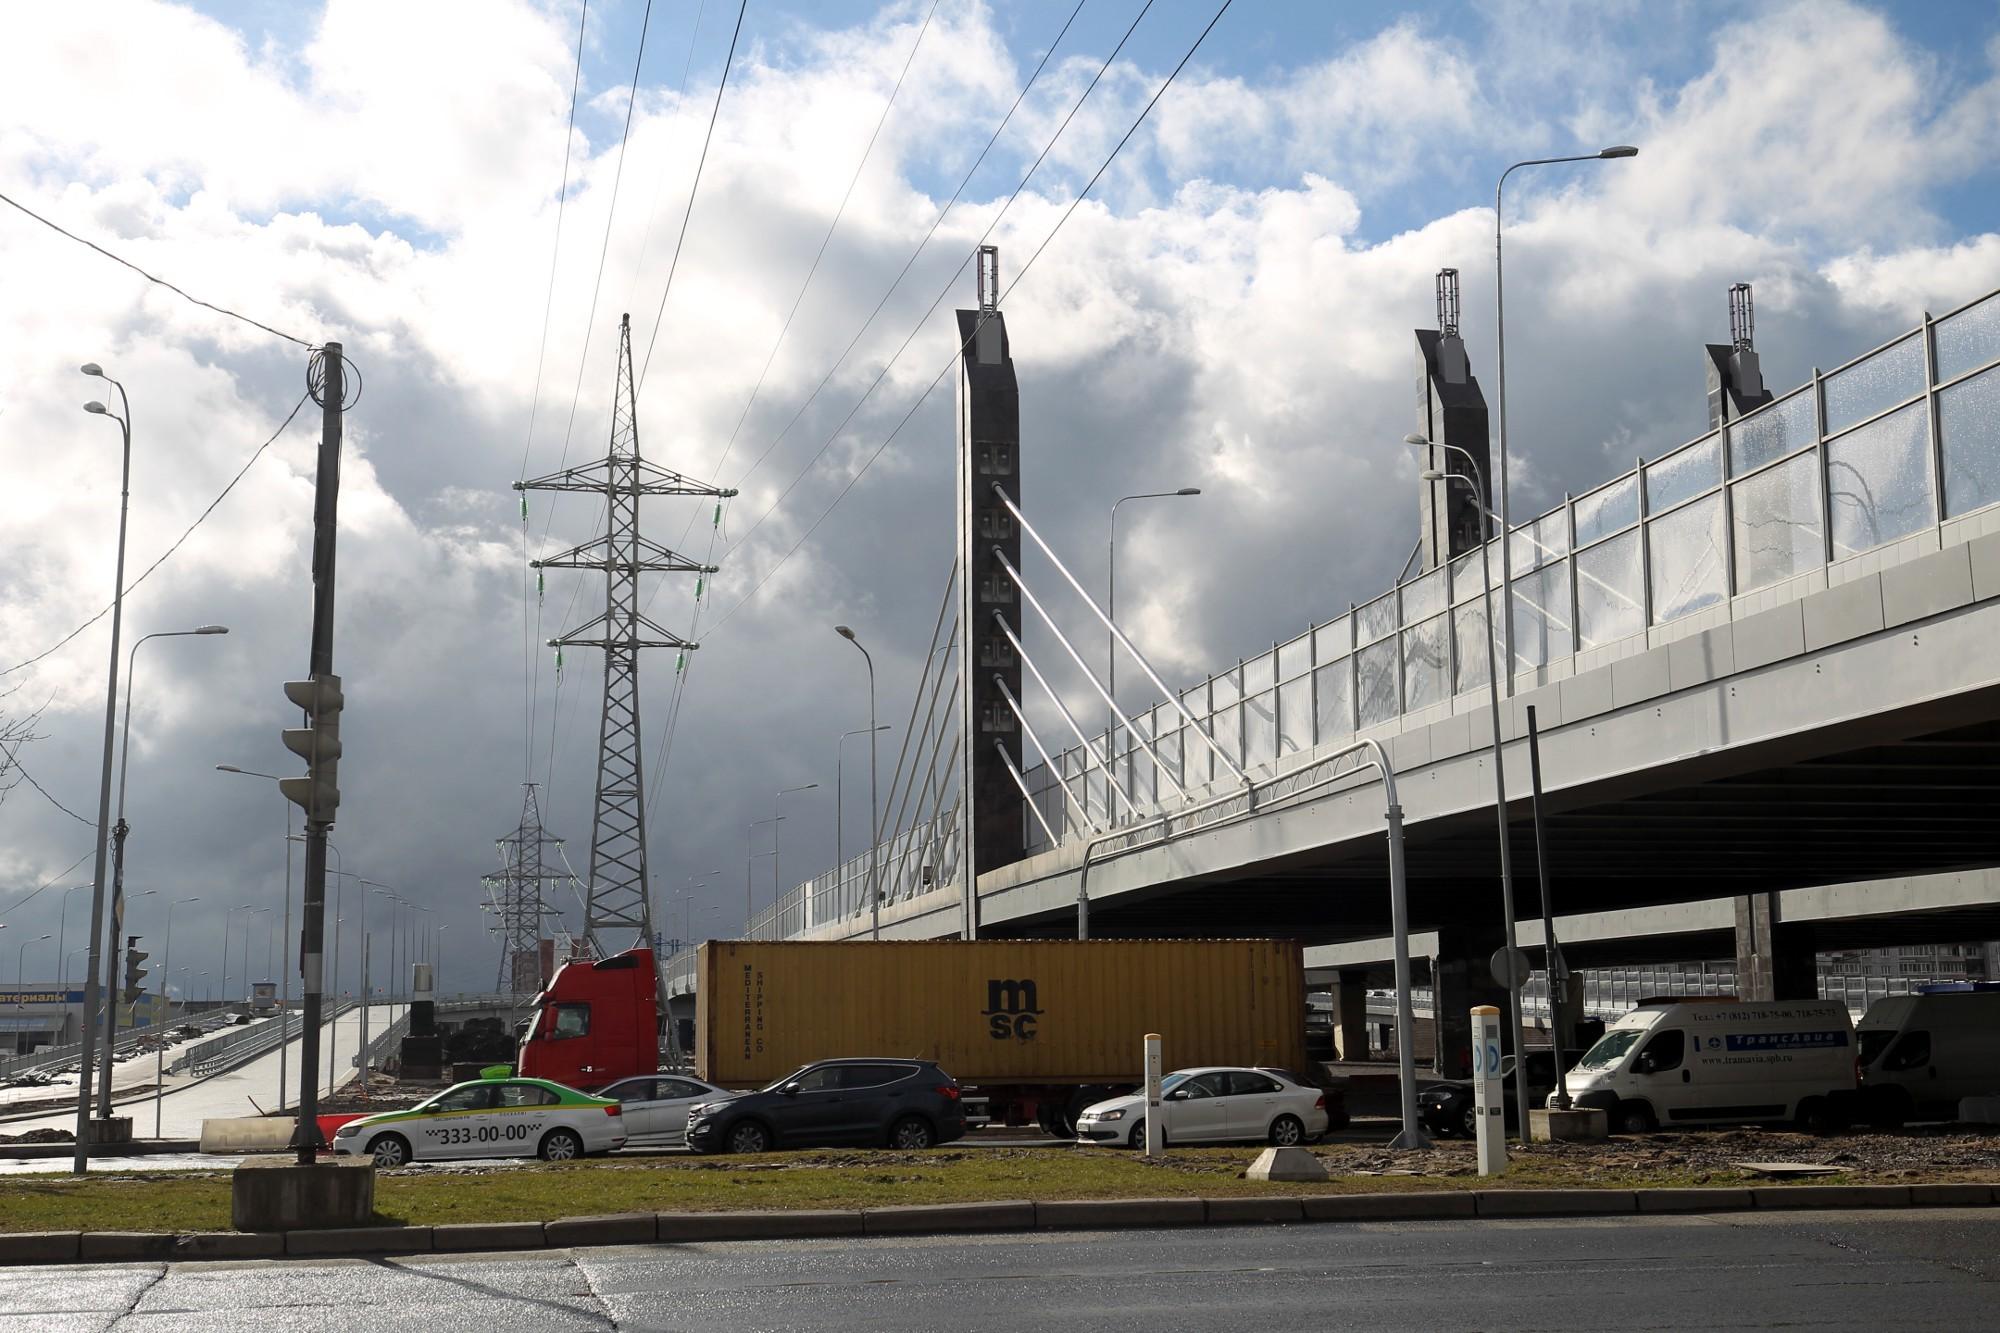 развязка пулковское шоссе дунайский проспект дорожное строительство